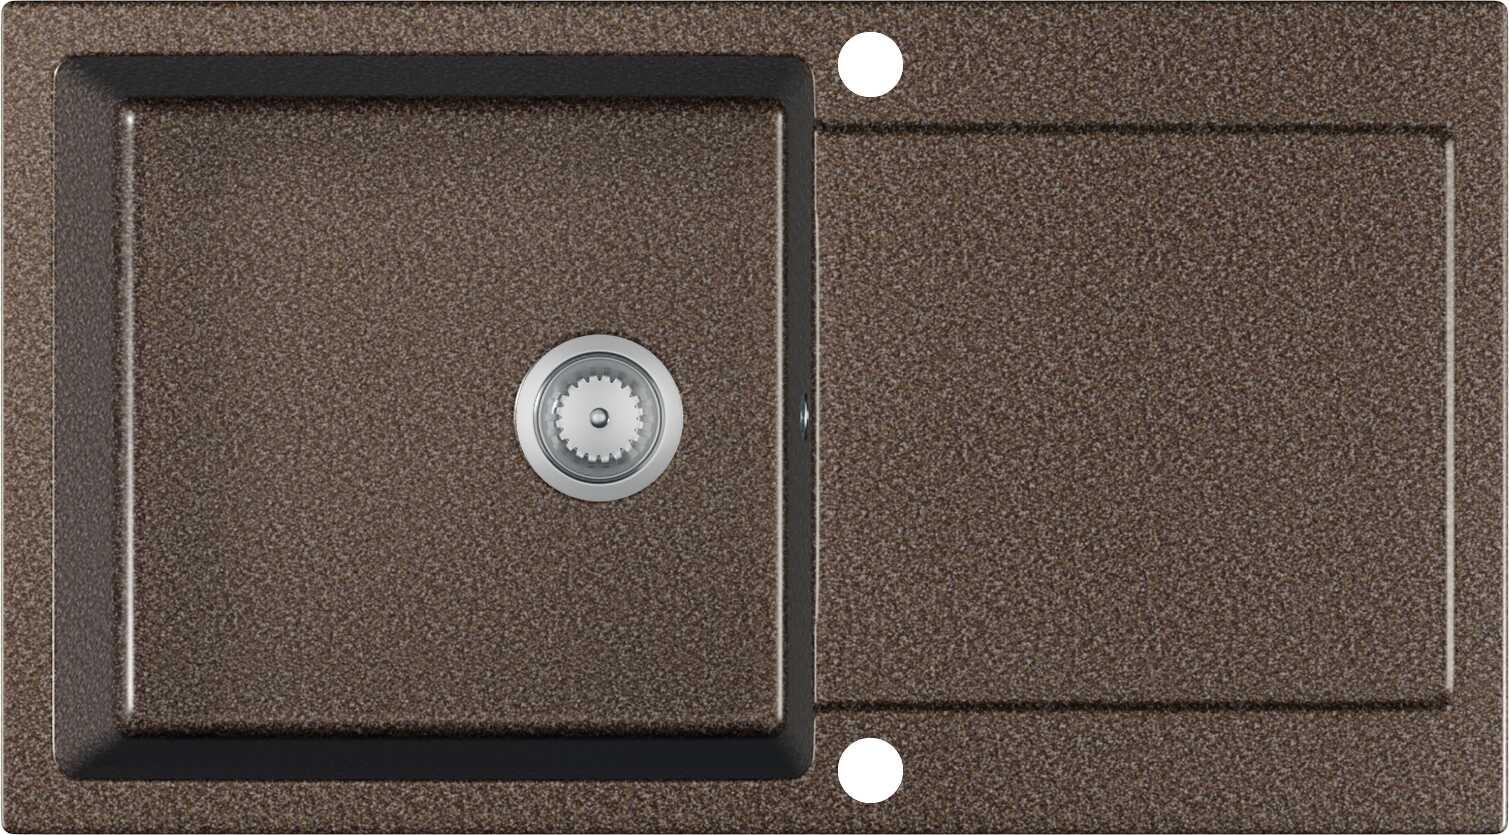 Zlewozmywak Granitowy TIVON brązowy nakrapiany